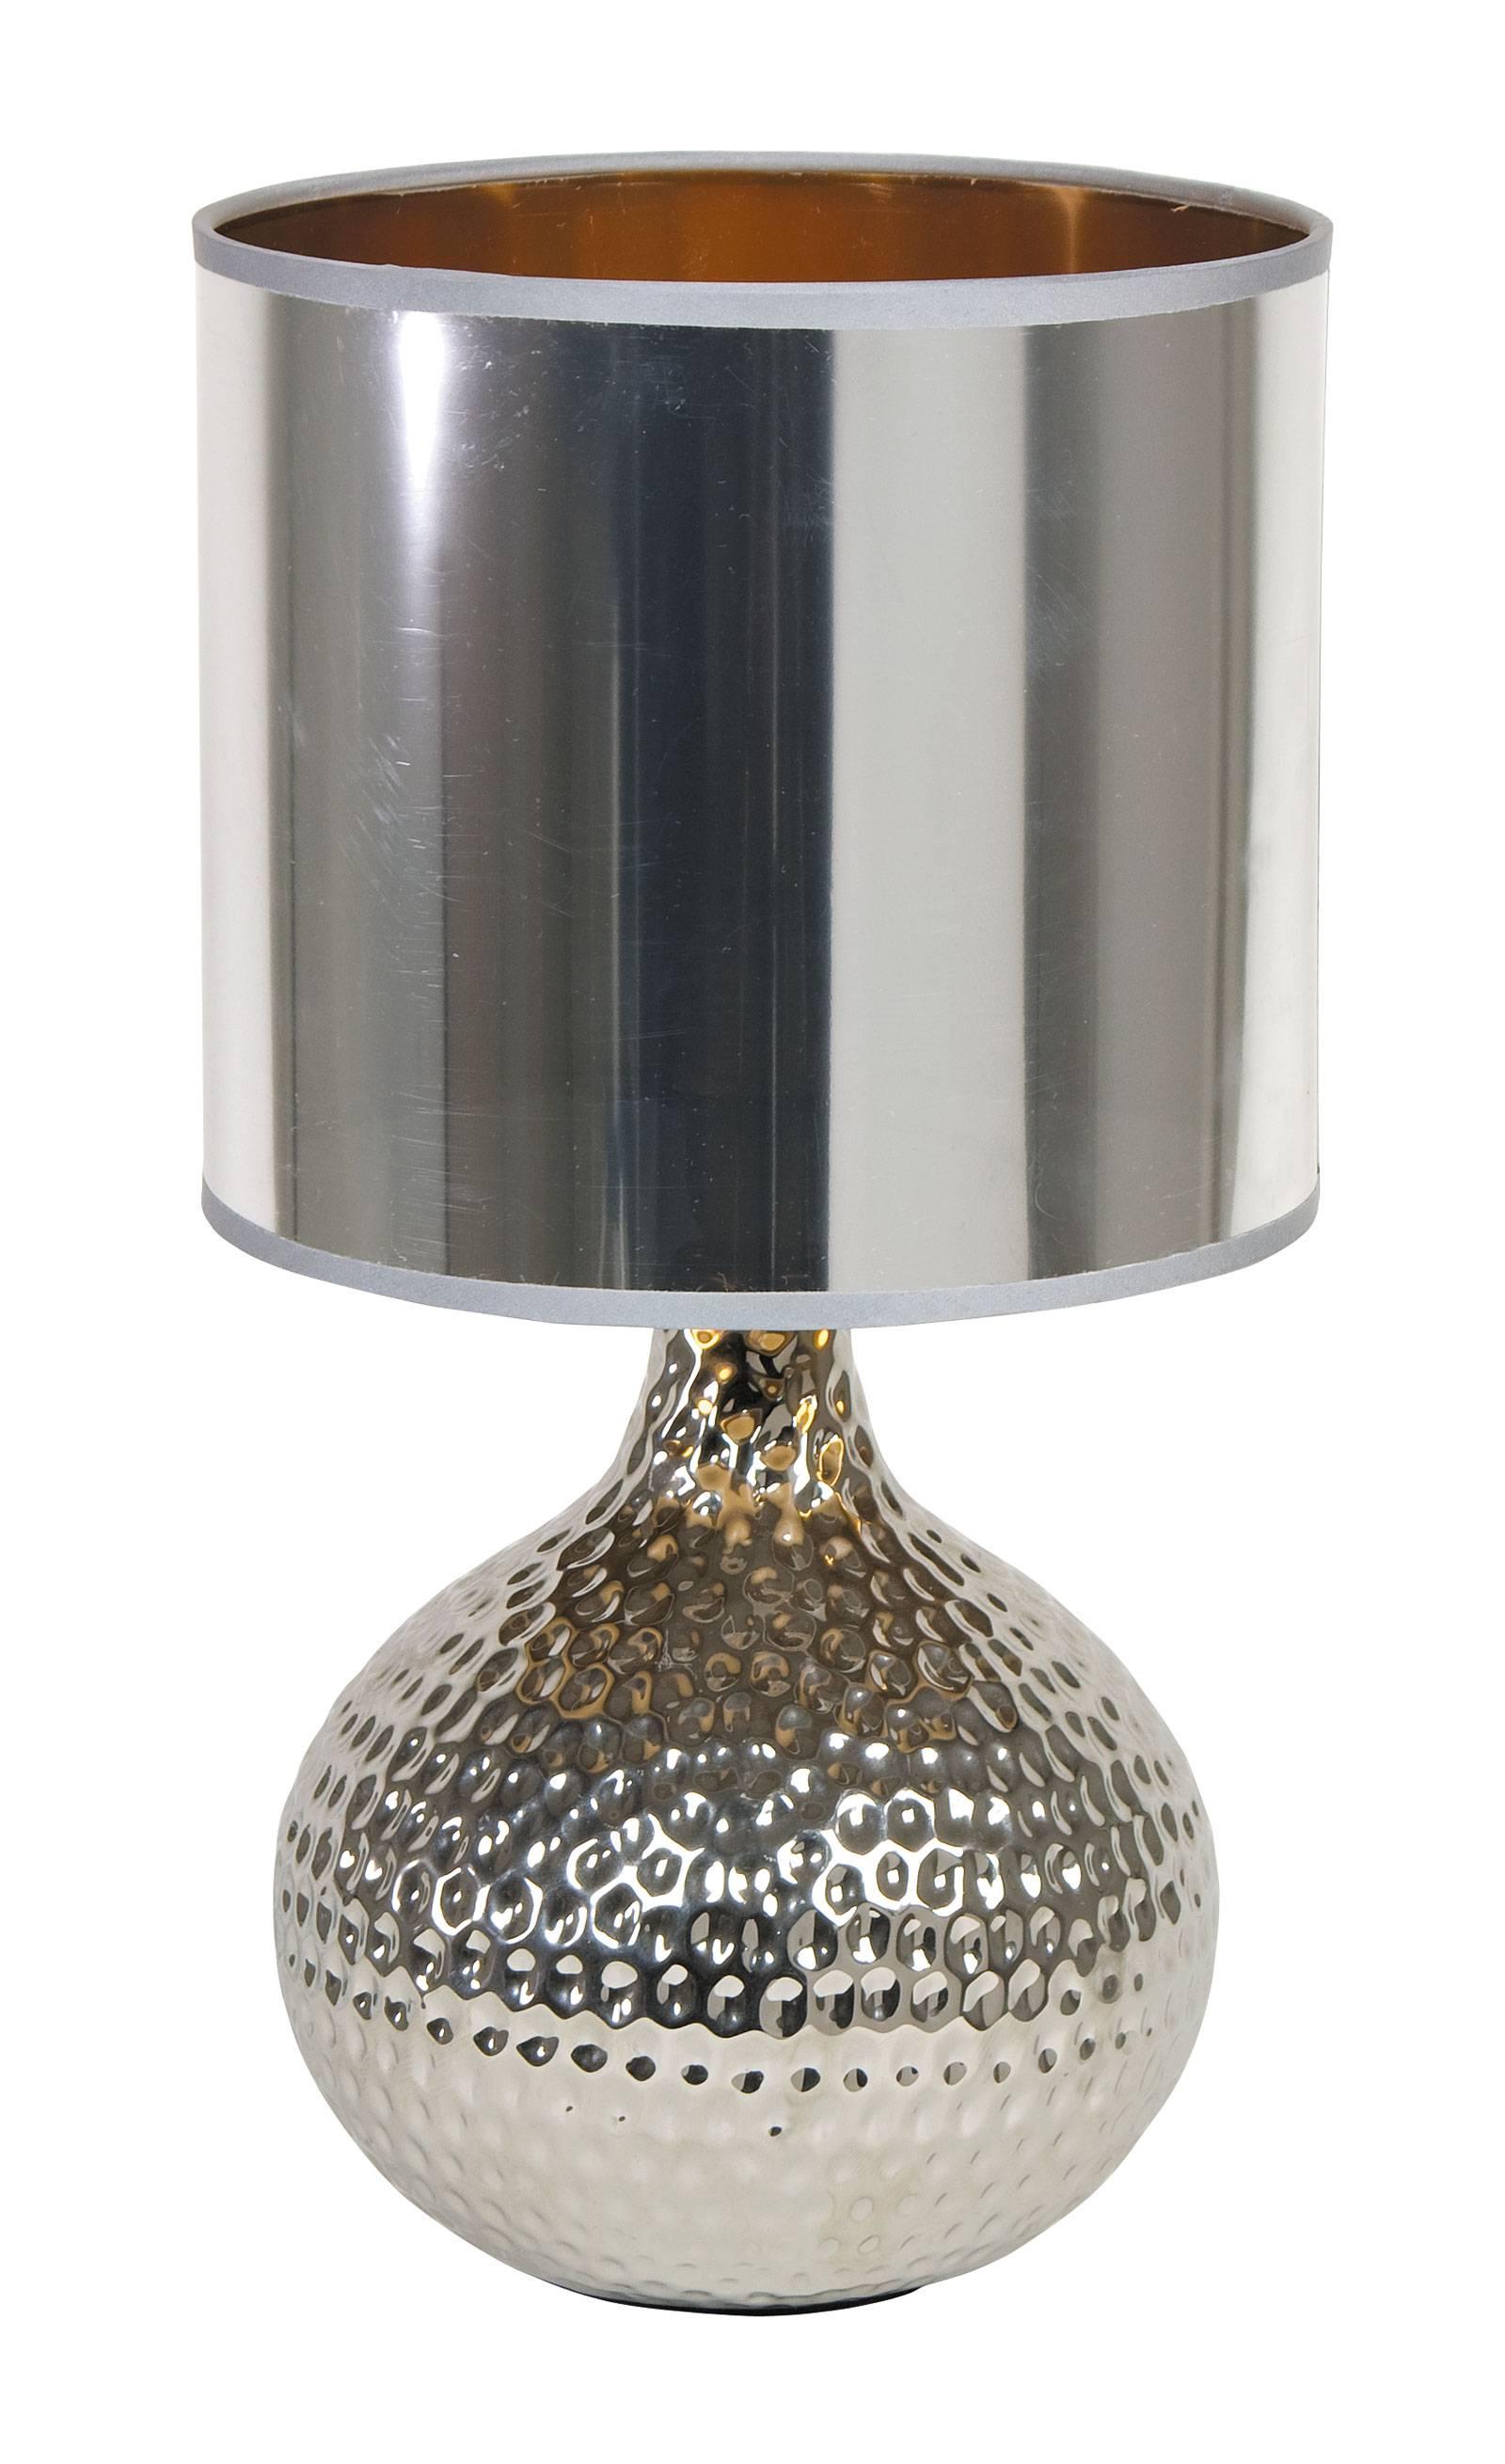 Lampade Classiche In Ceramica: Lampade classiche da terra lampada in ceramica stile liberty.